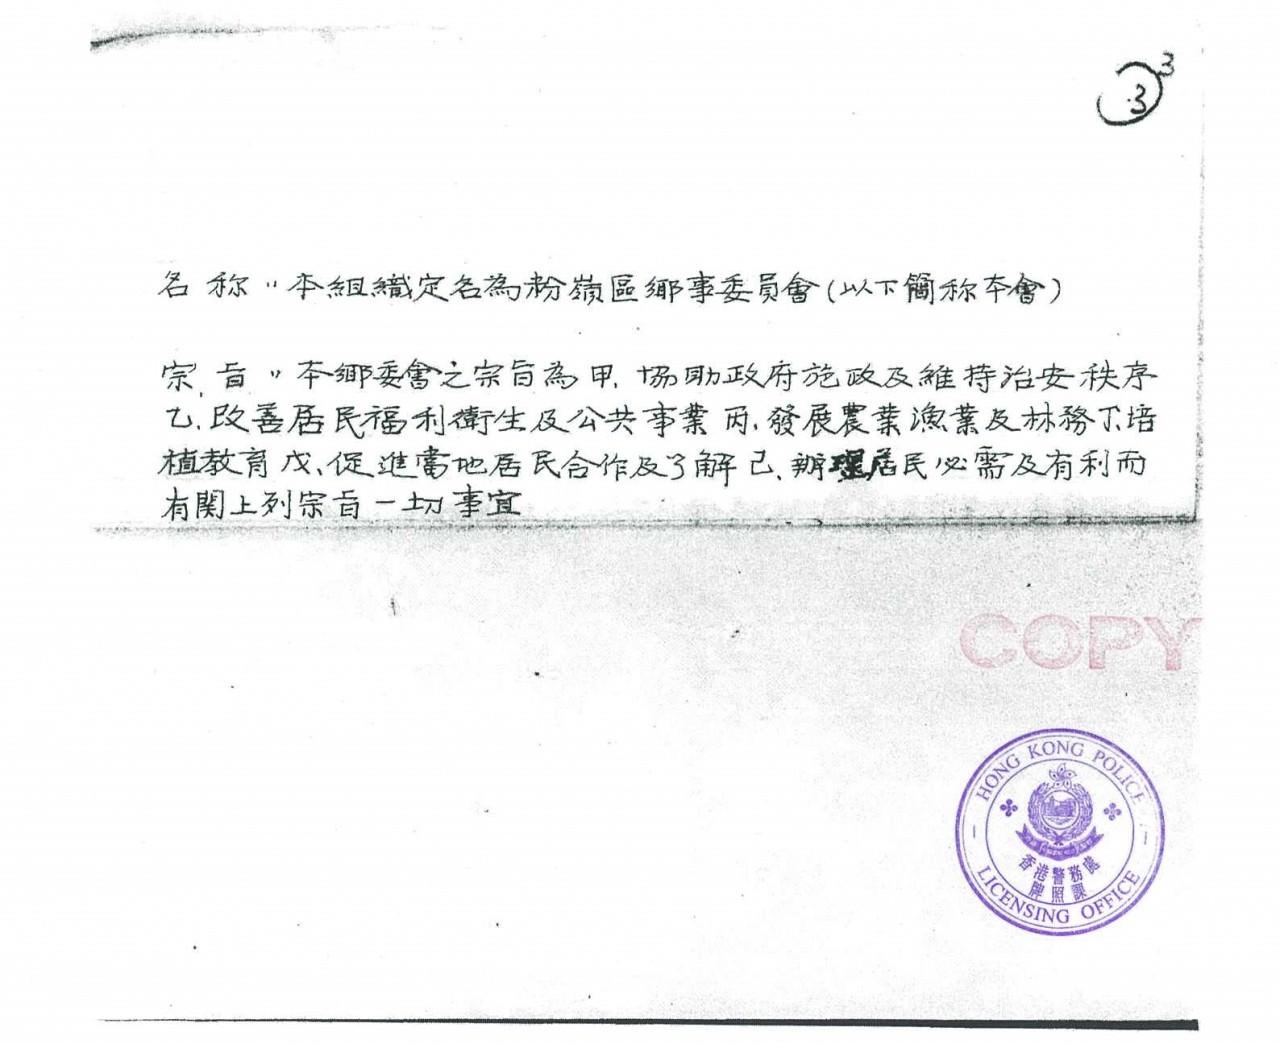 警務處只向傳媒提供鄉委會章程中關於社團成立宗旨的文句。圖為粉嶺區鄉委會的成立宗旨。(文件截圖)